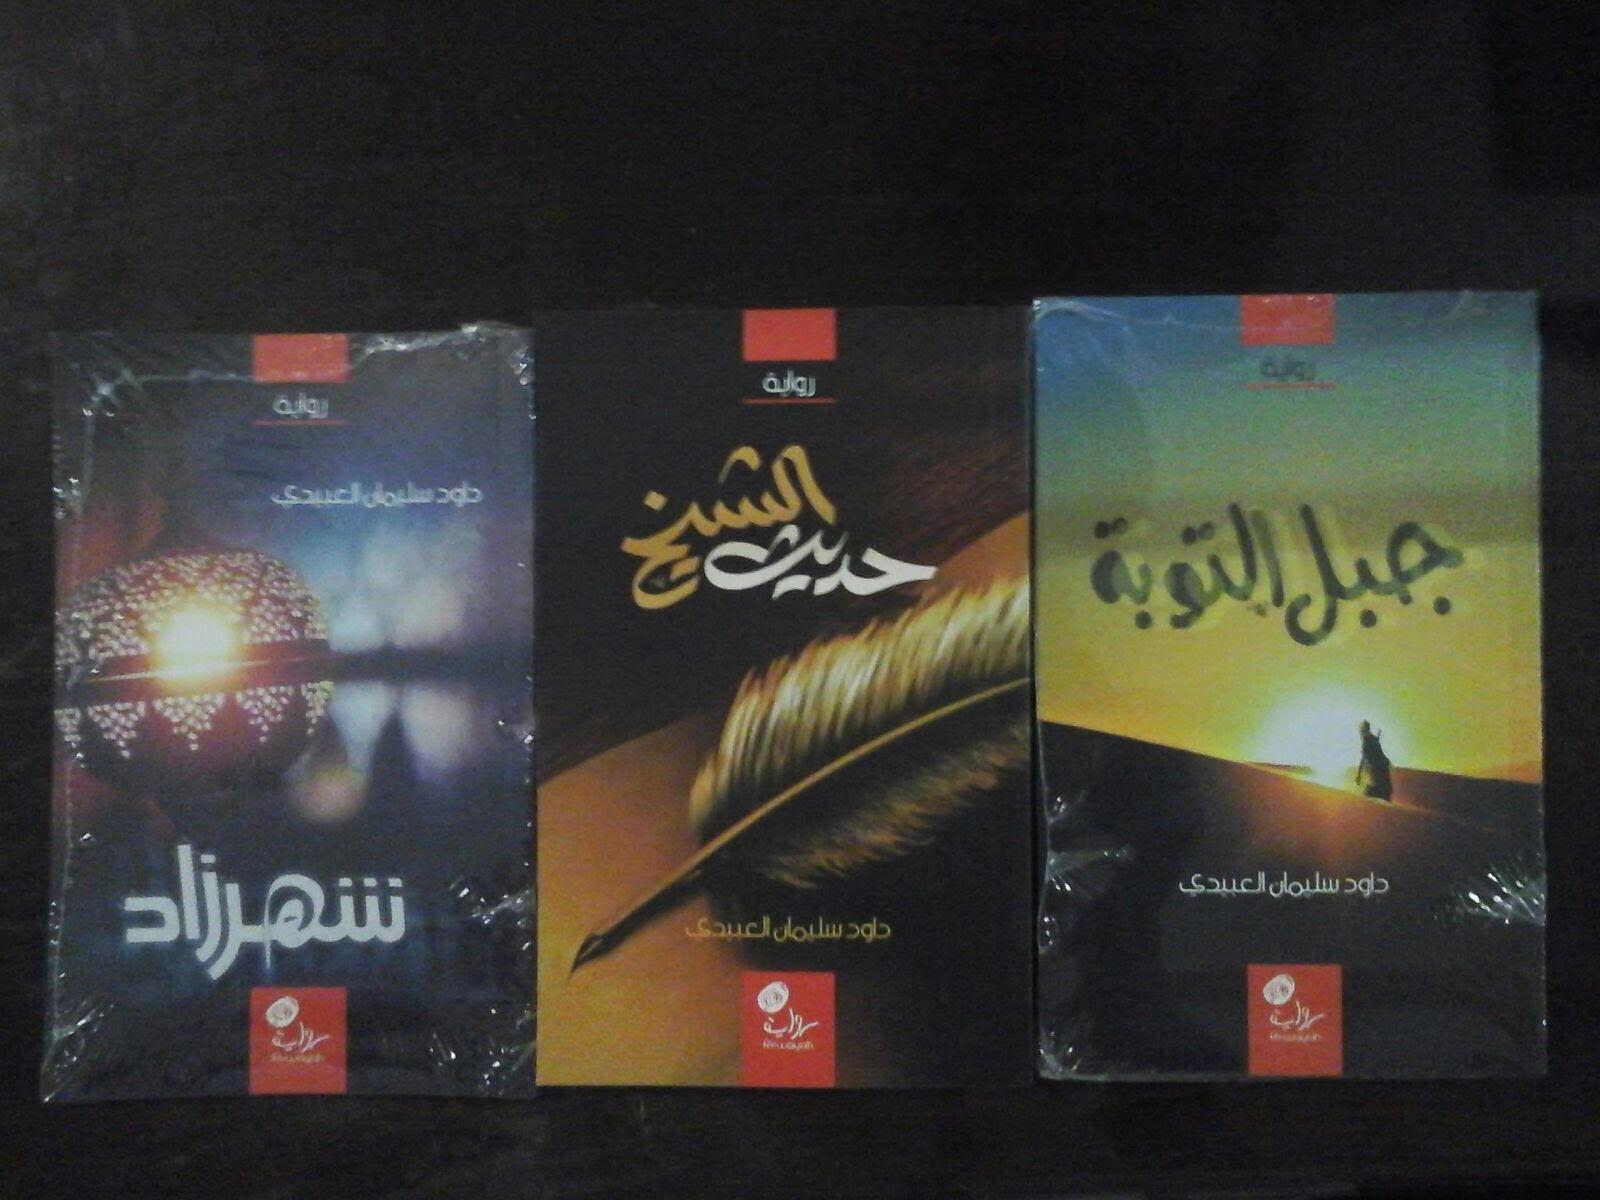 العبيدي روائي عراقي يسجل حضوراً قوياً بعد ثلاثين عاما من وفاته بمعرض الكتاب